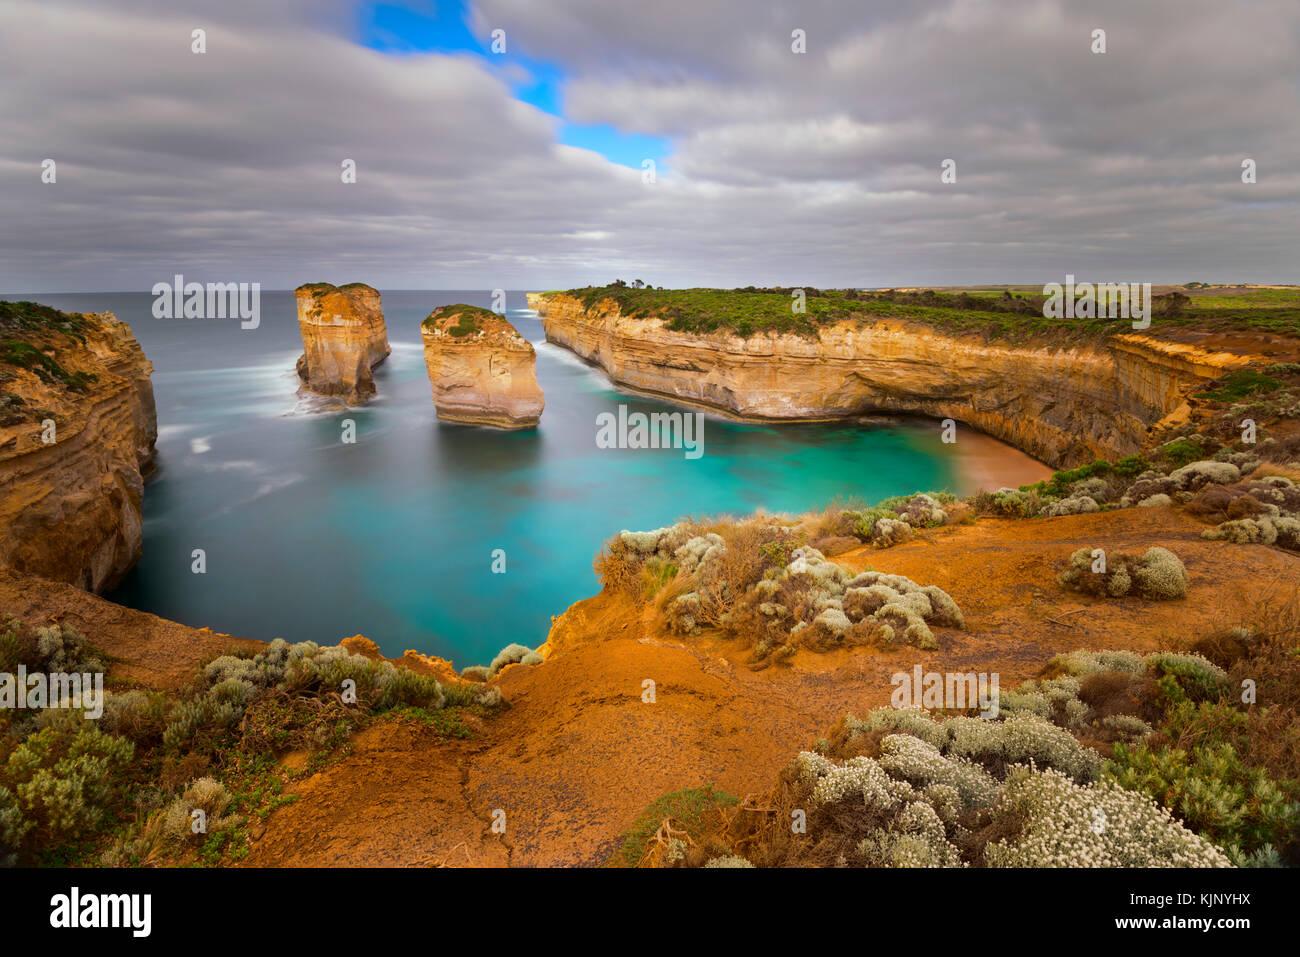 Les douze apôtres, Great Ocean Road, Port Campbell National Park, Victoria, Australie Photo Stock